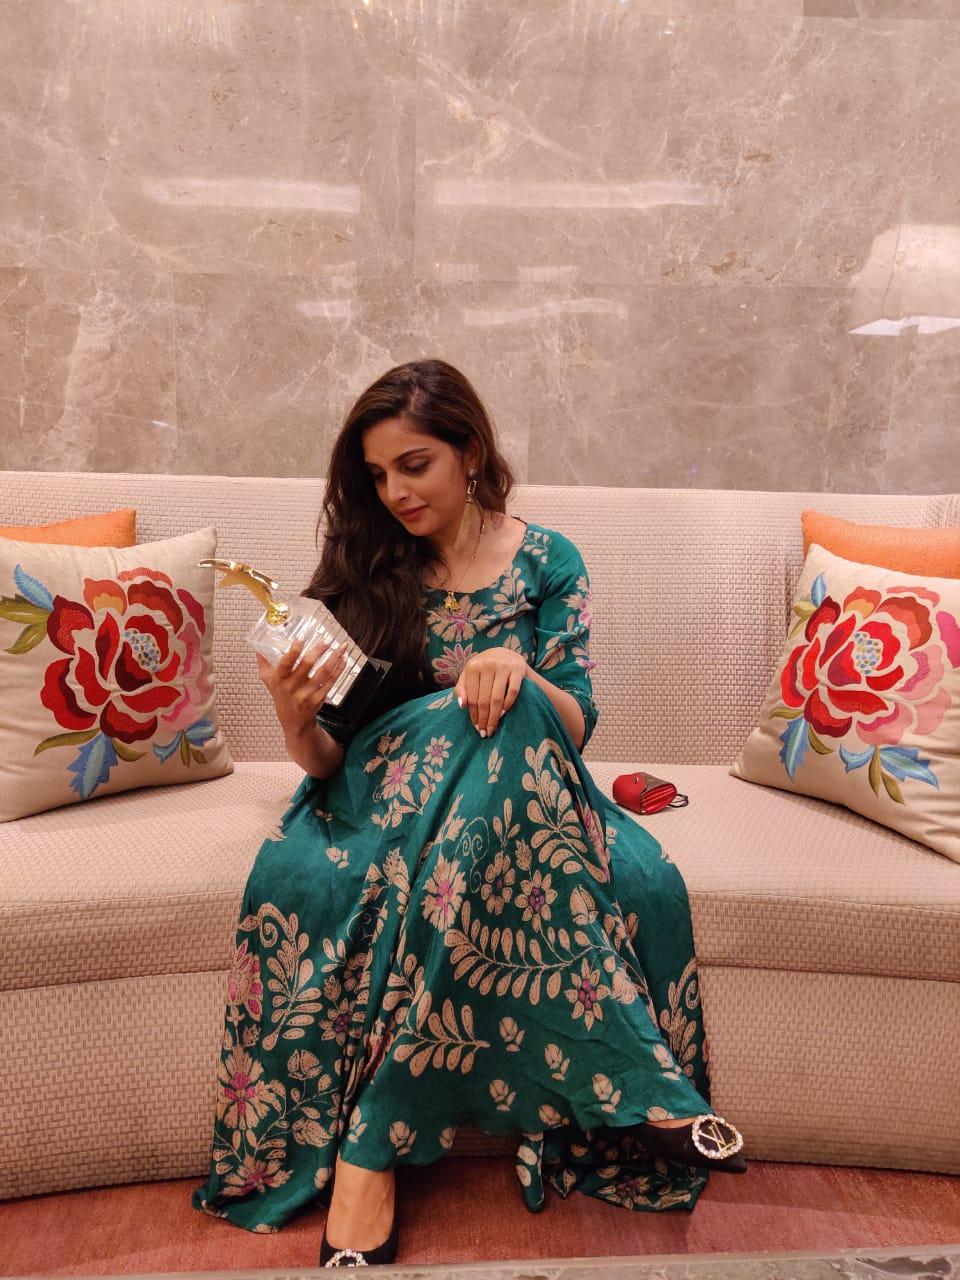 Top interior designer in Bangalore designs bright interior